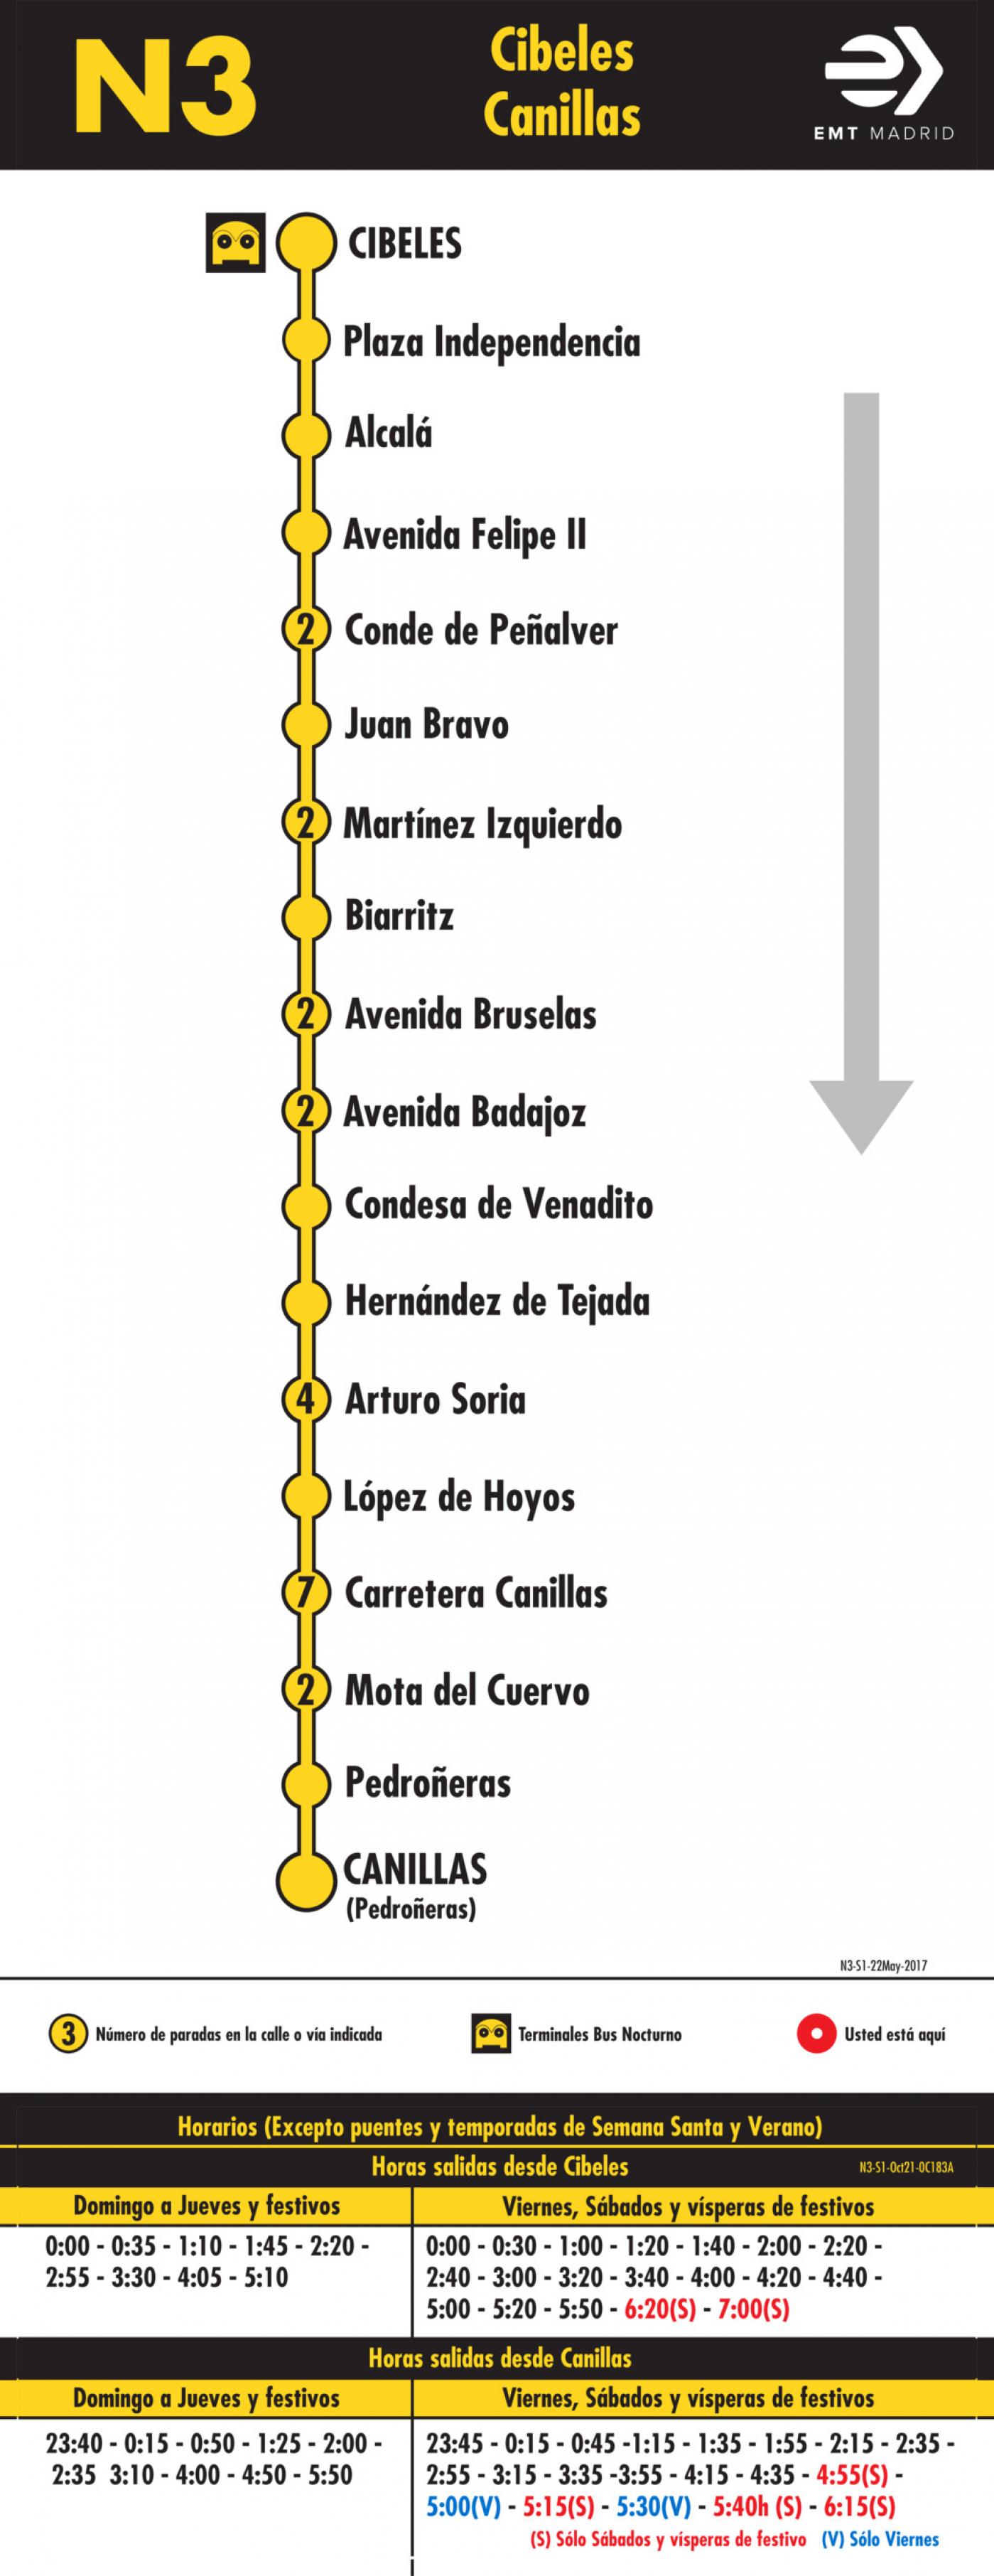 Tabla de horarios y frecuencias de paso en sentido ida Línea N3: Plaza de Cibeles - Canillas (búho)